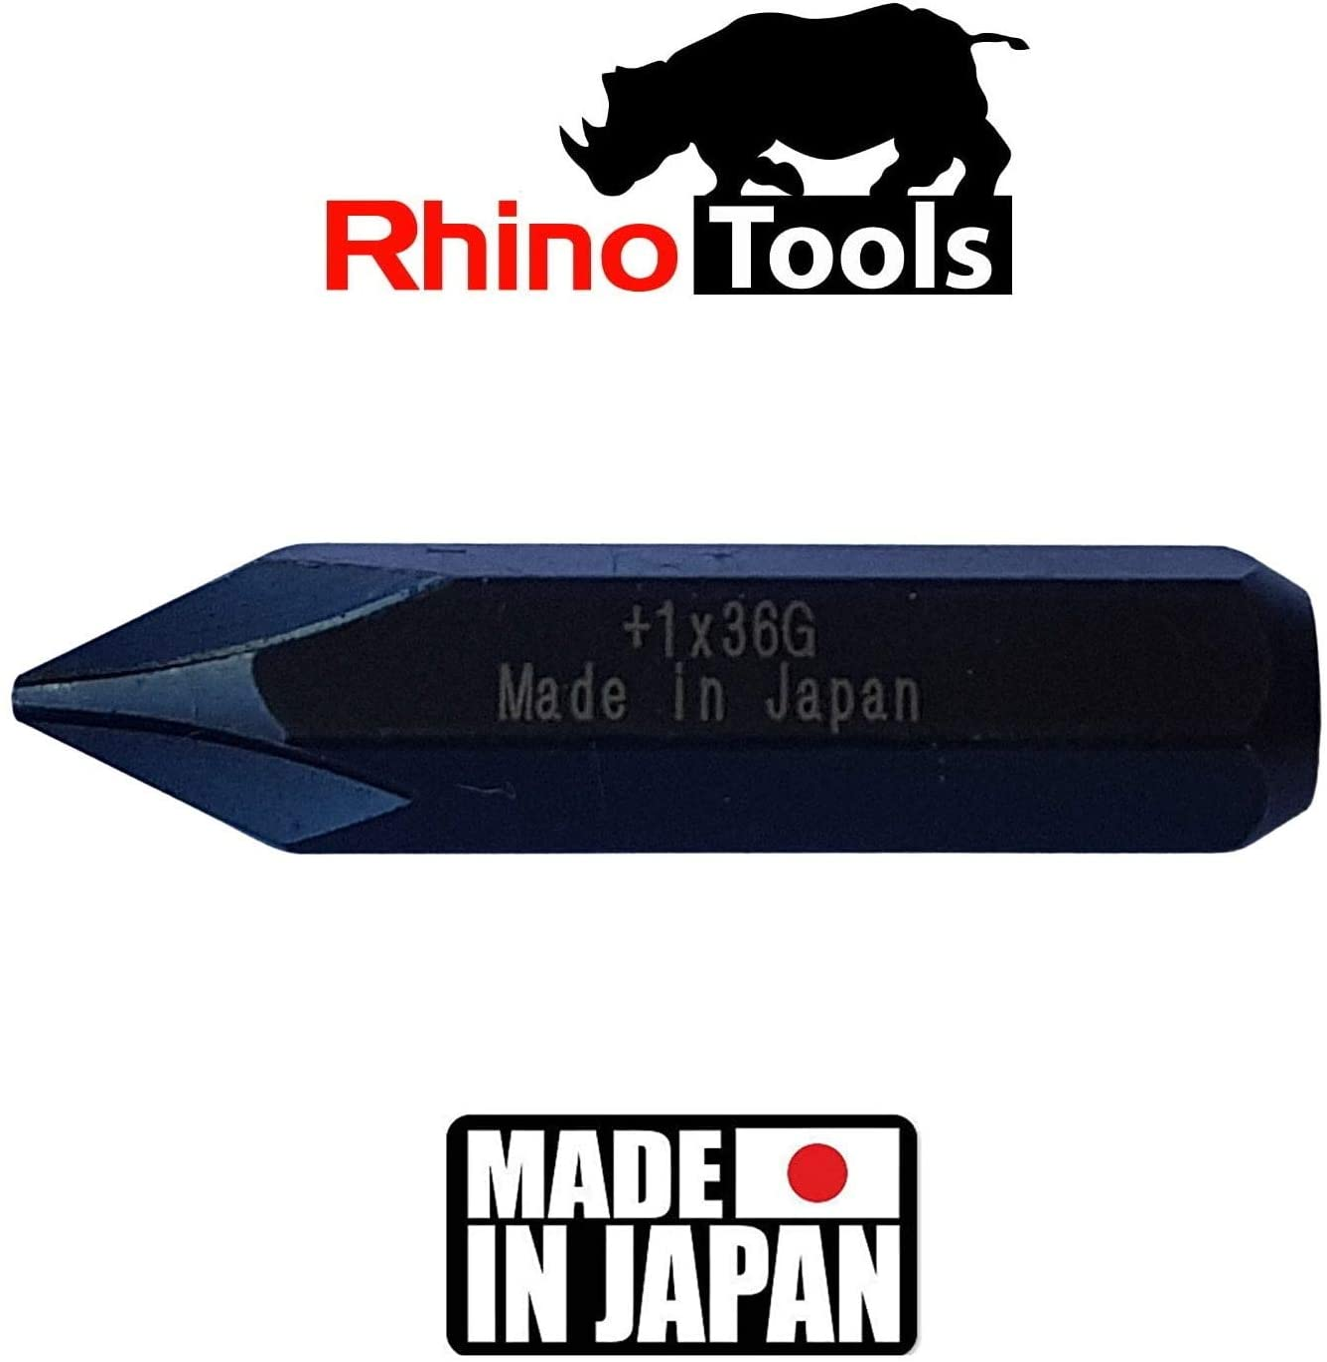 5//16 JIS Impact Screwdriver Bits +1 +2 +3 +4-10 Made in Japan 36mm long